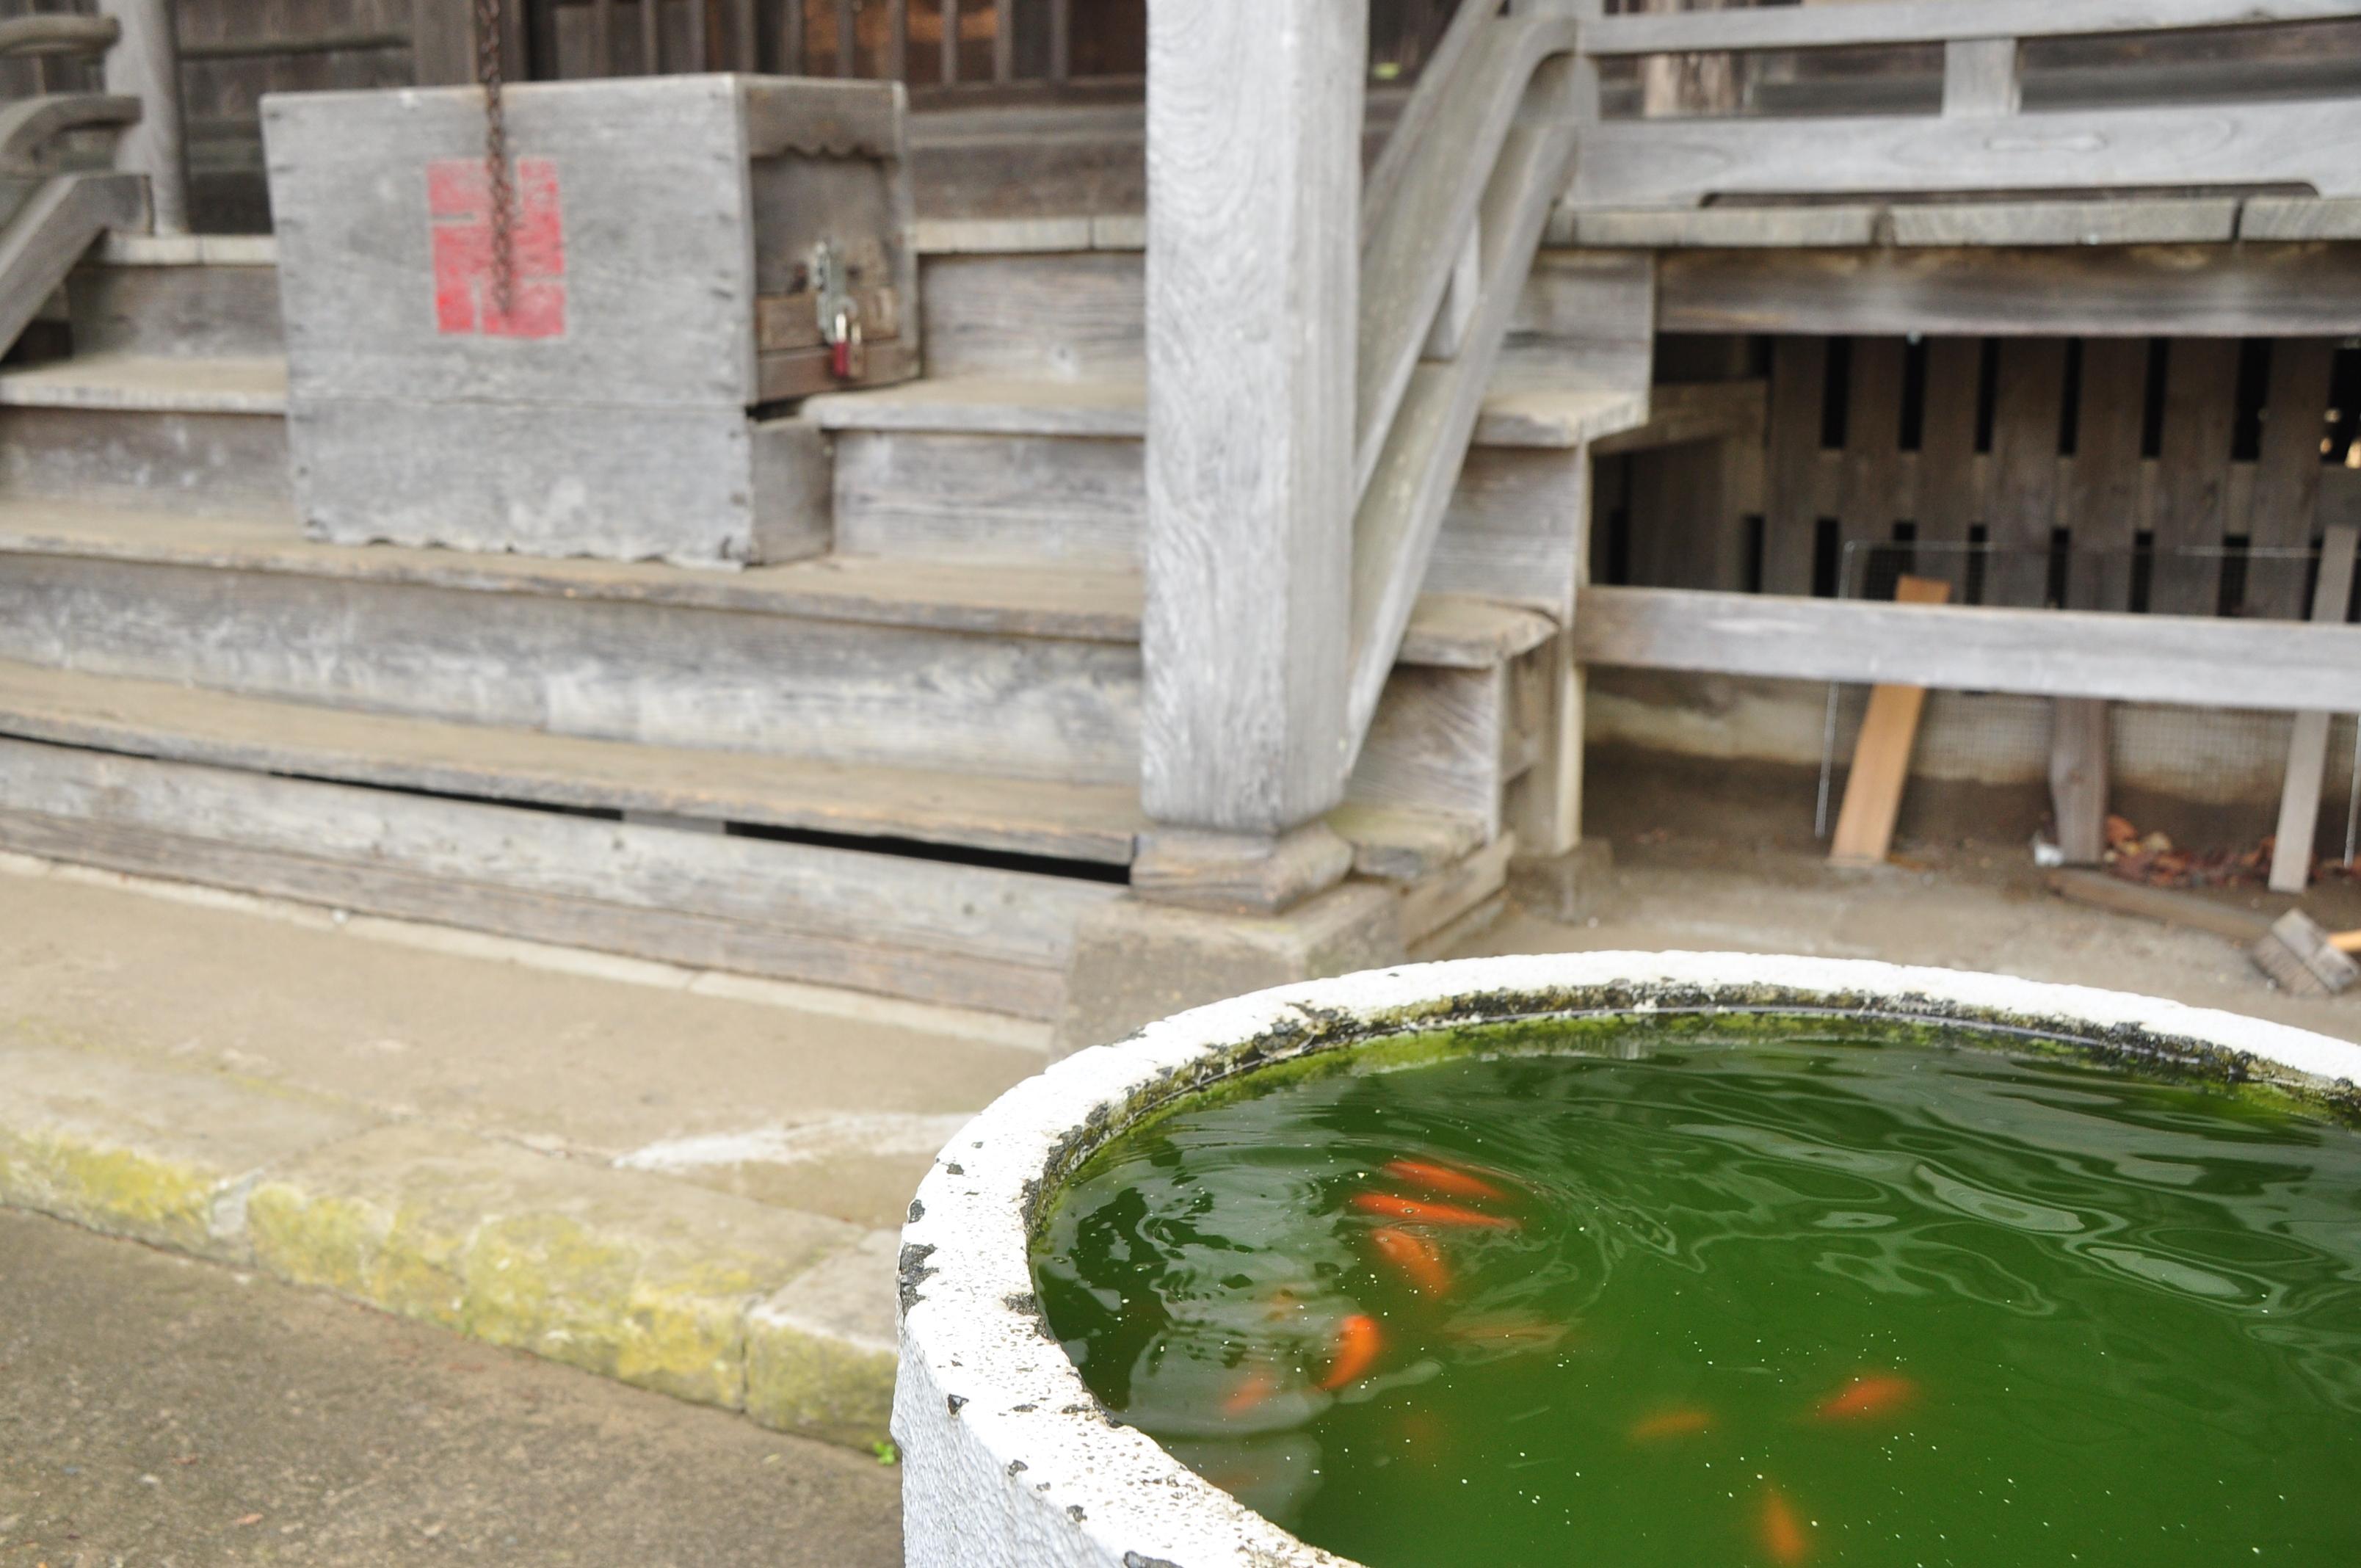 http://ud.t.u-tokyo.ac.jp/blog/_images/DSC_2121.JPG